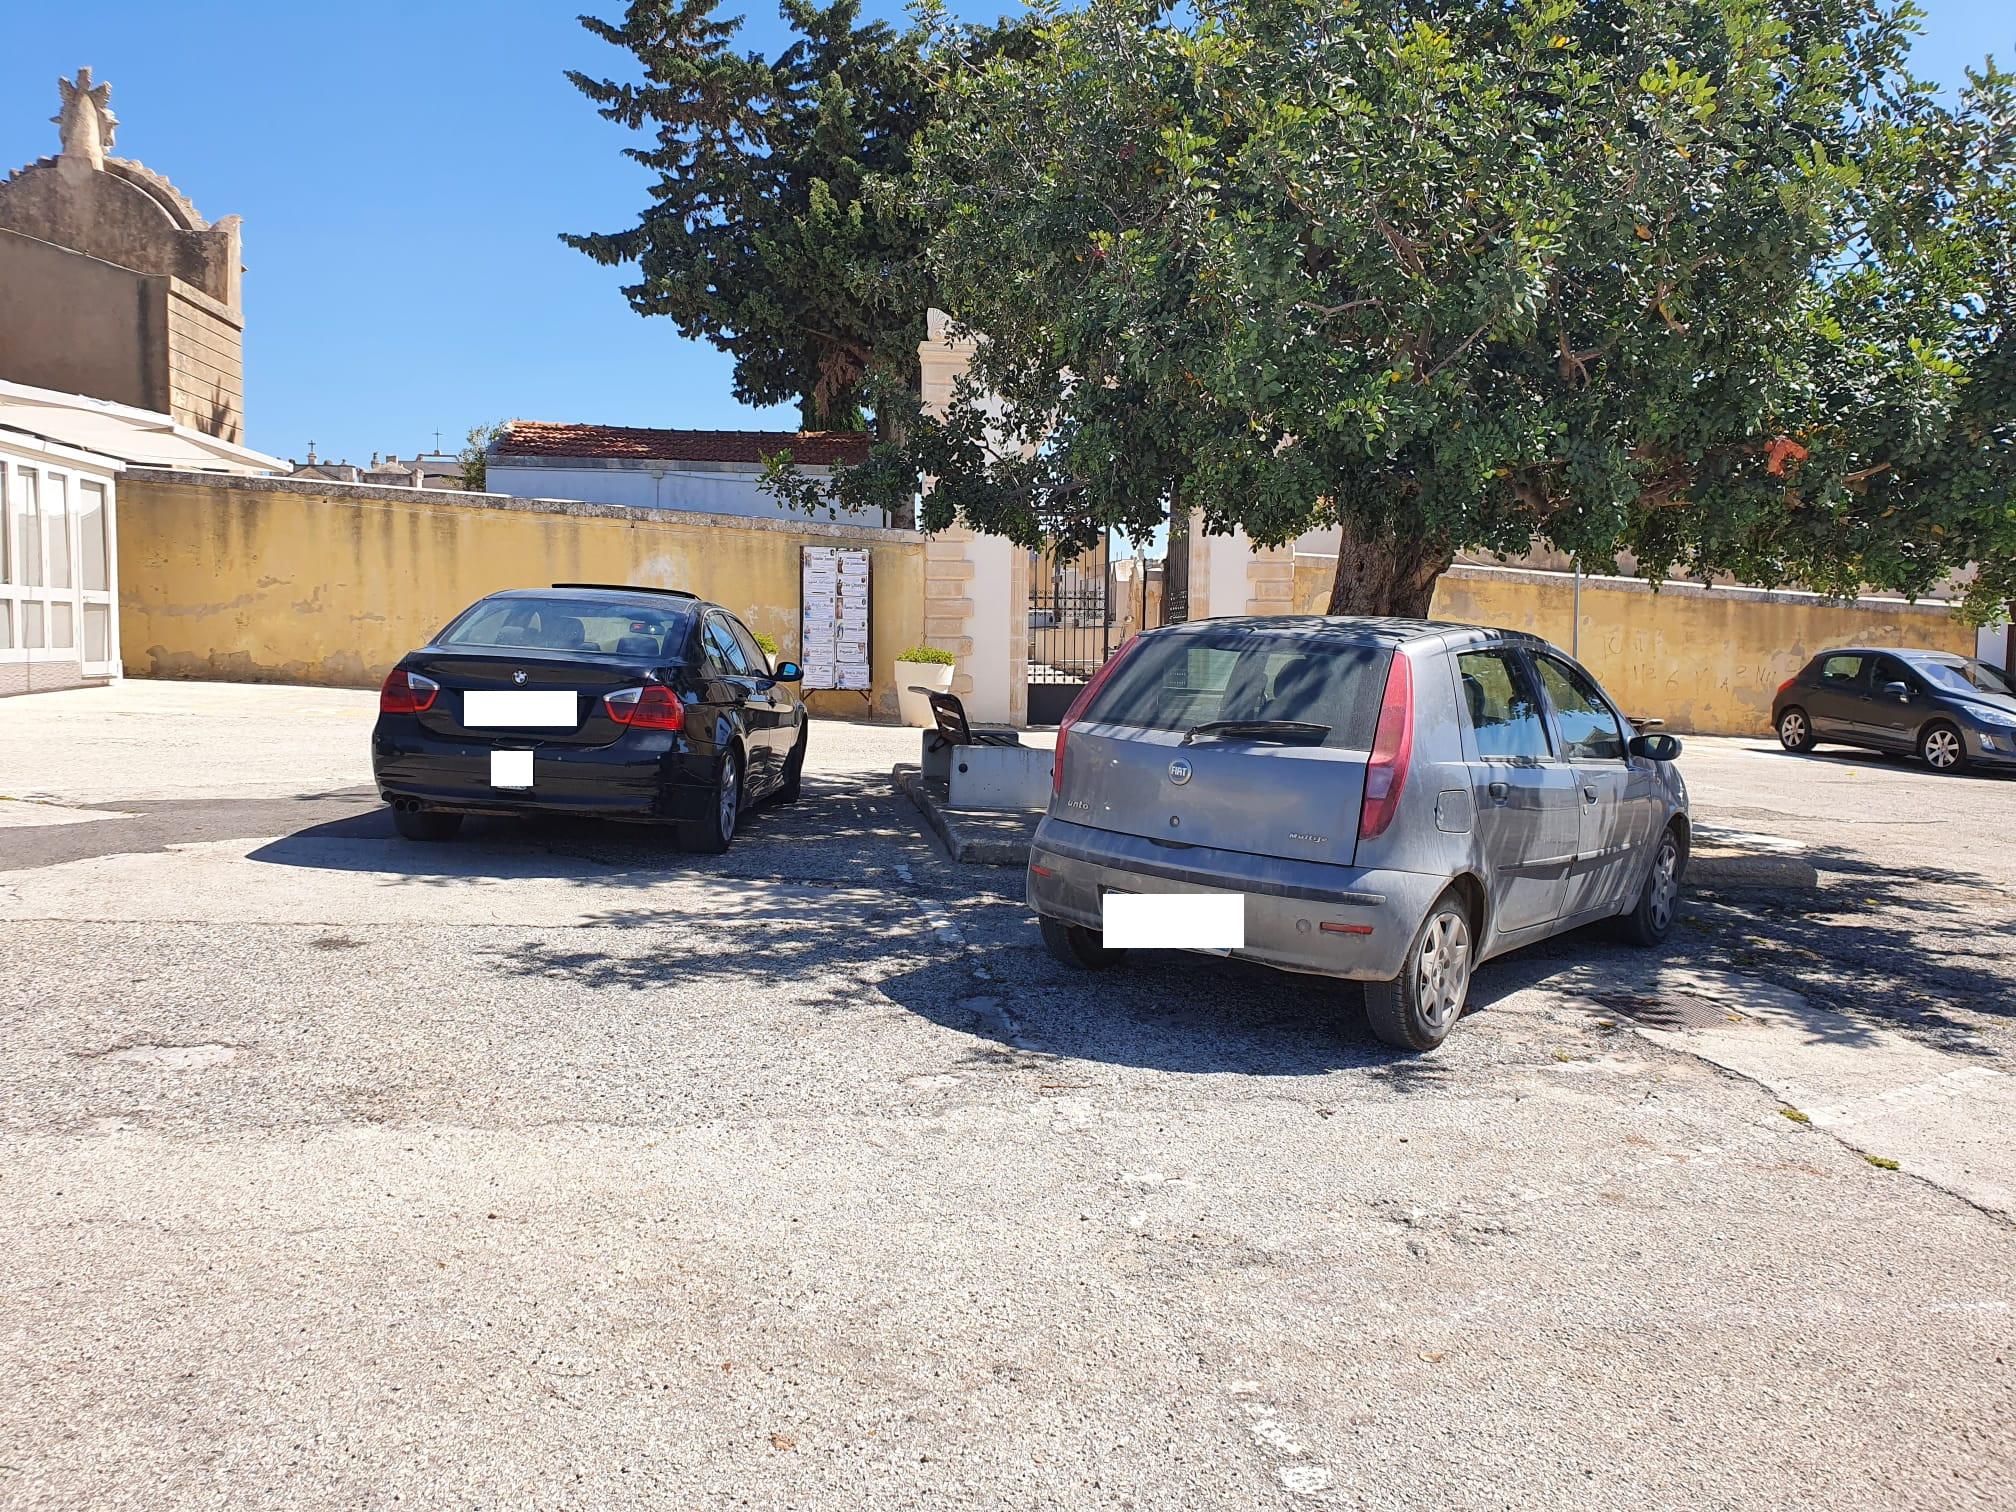 Il cimitero è chiuso, ma c'è sempre gente: la denuncia di Pina Cocuzza